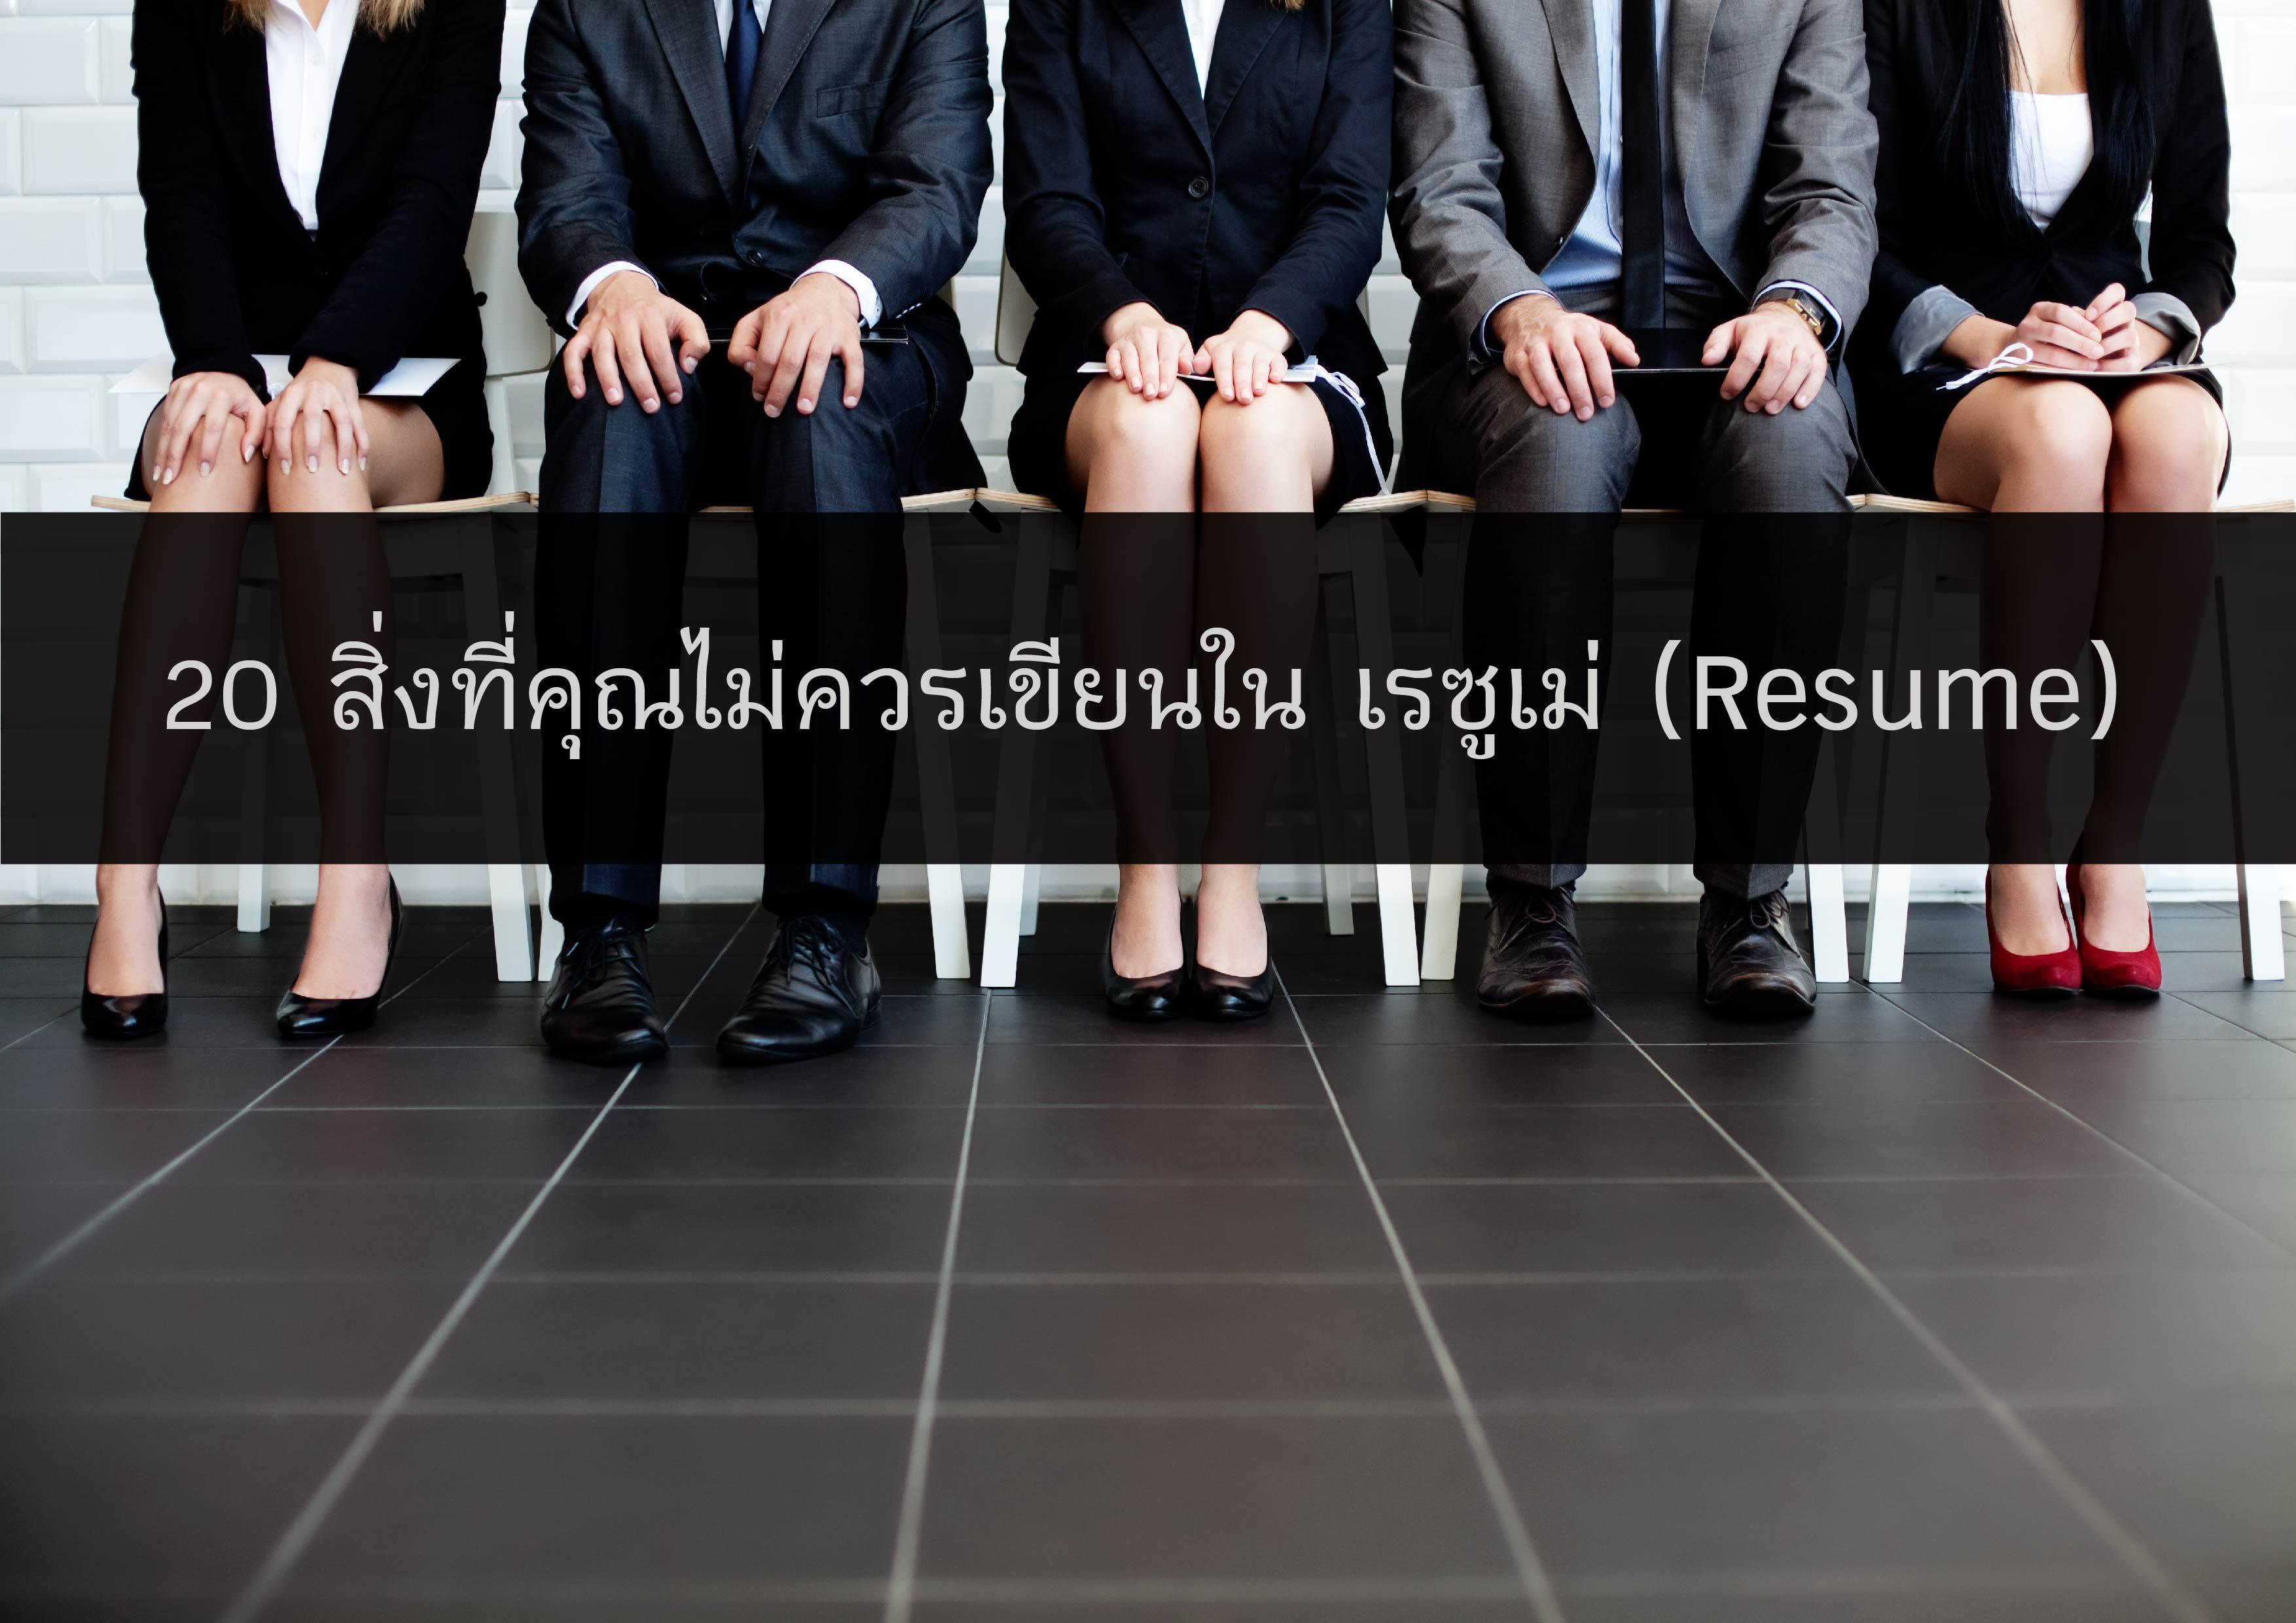 20 สิ่งที่คุณไม่ควรเขียนใน เรซูเม่ Resume Pantip